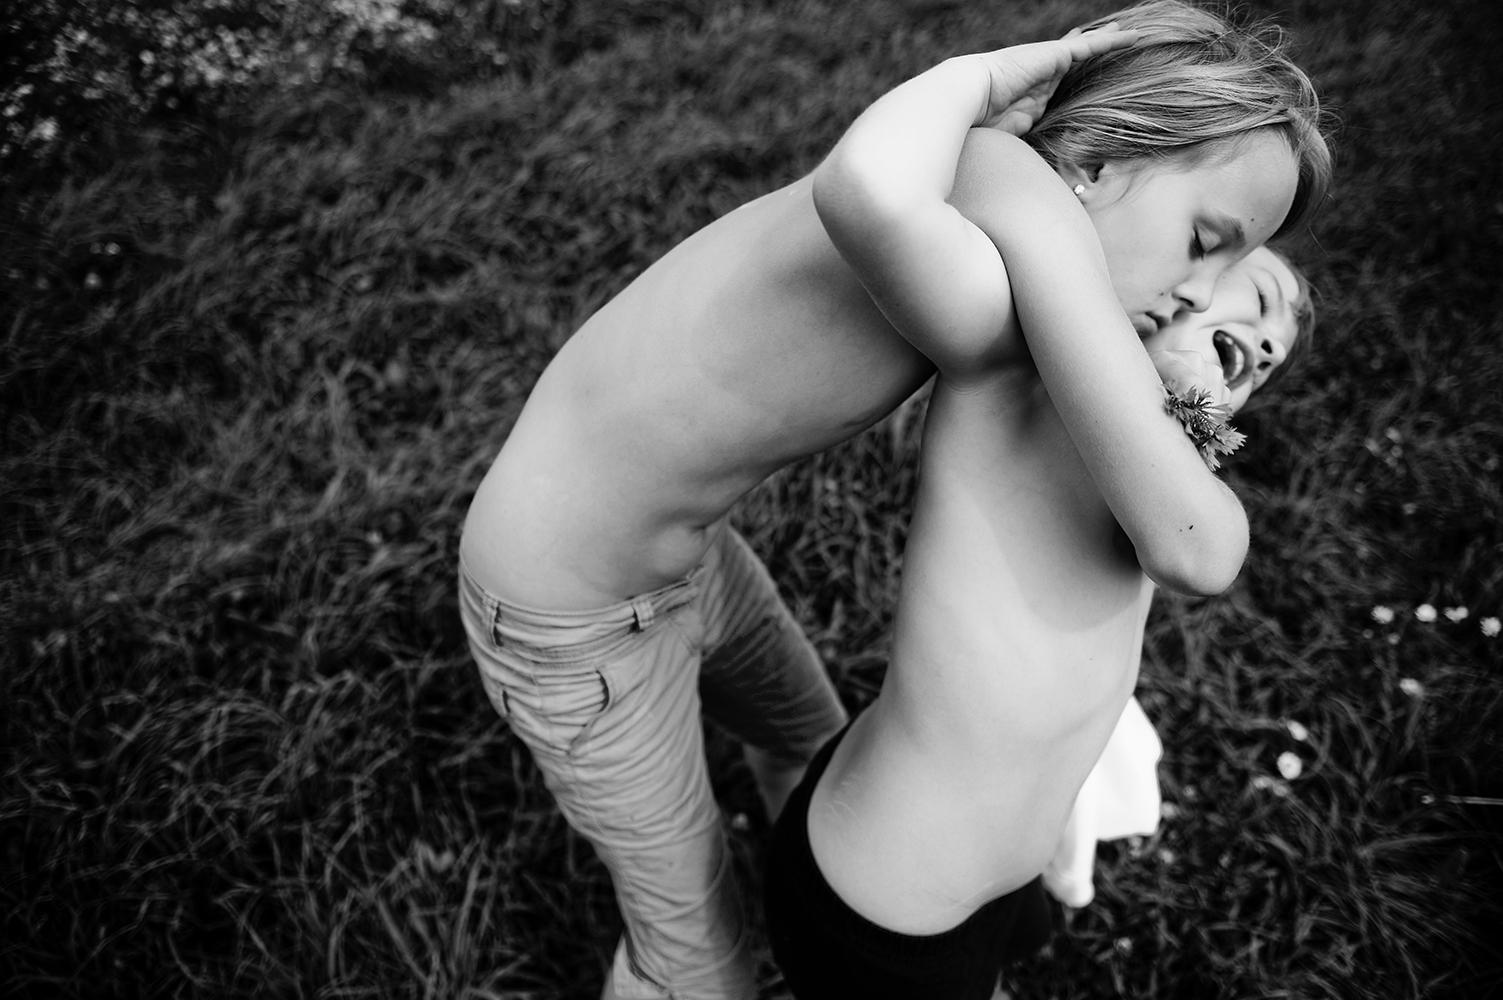 Фото конкурса красоты девочек нудисток 19 фотография